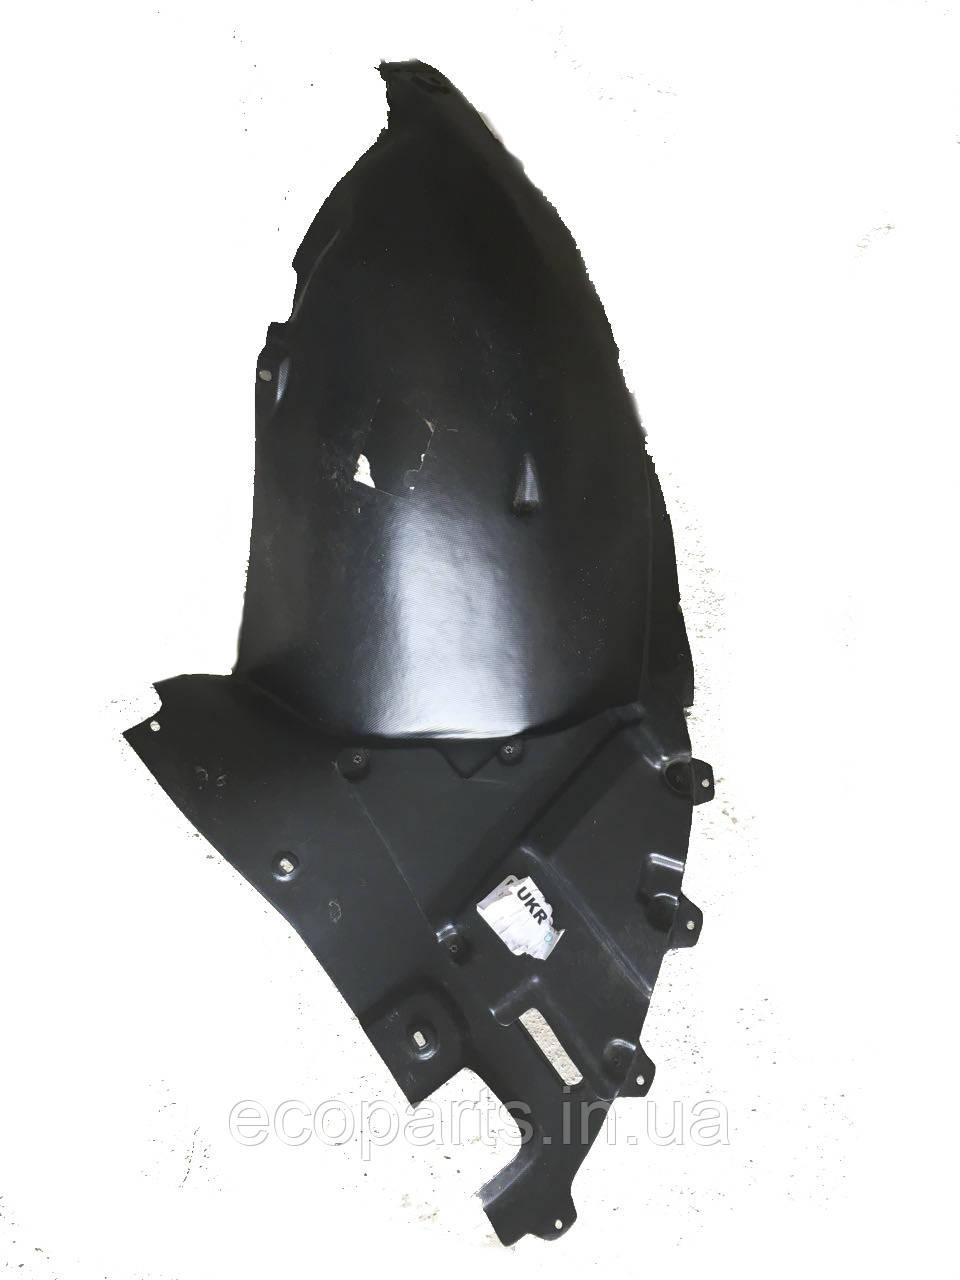 Подкрылок Chevrolet volt передний правый (передняя часть)